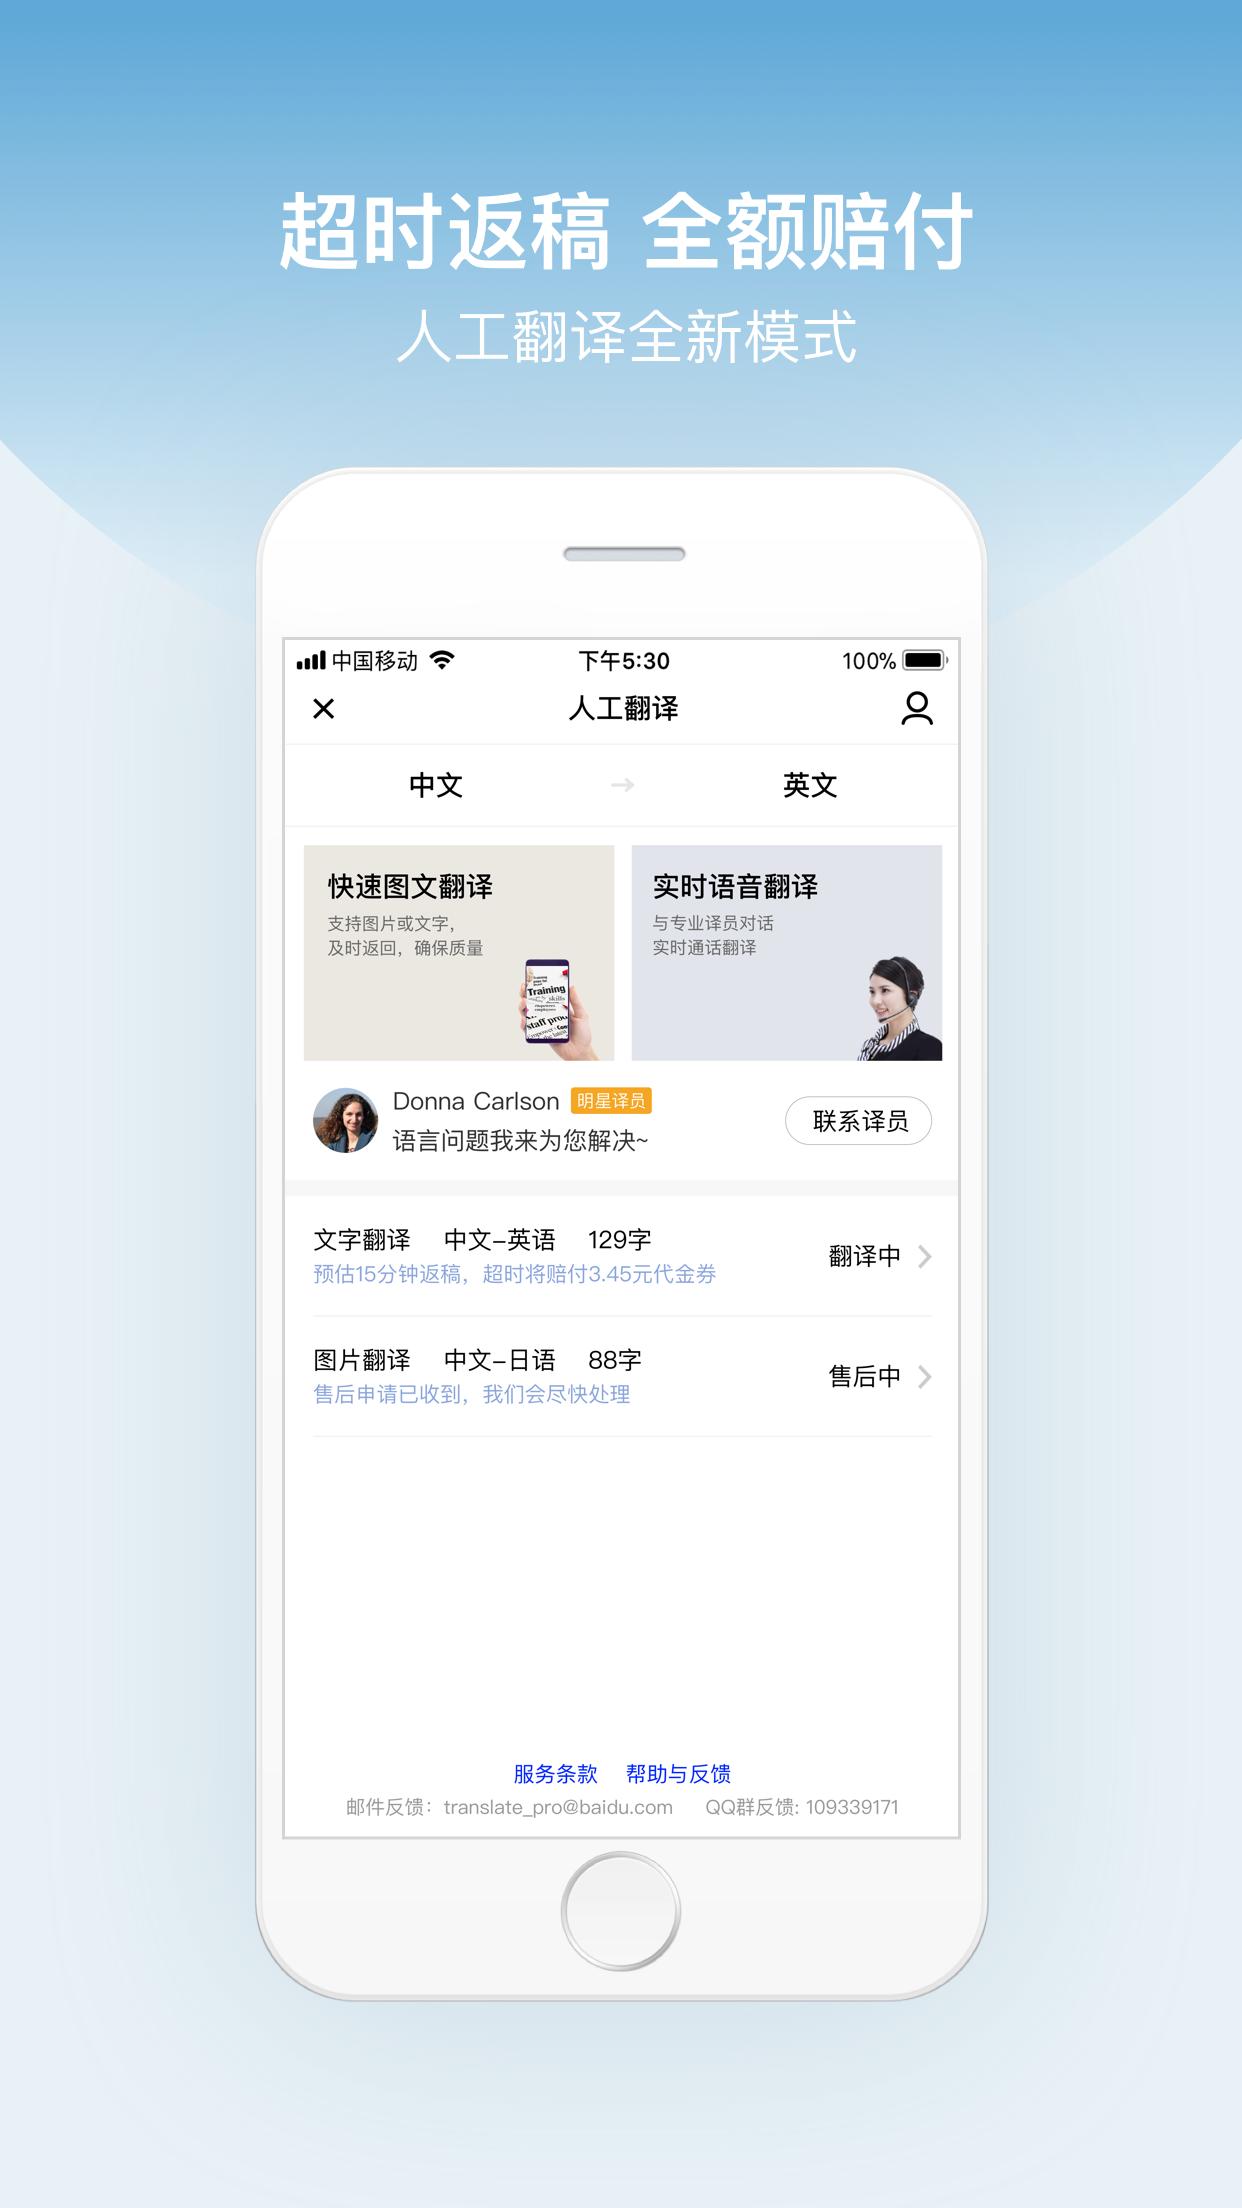 百度翻译-旅游学习必备多语种翻译词典 Screenshot